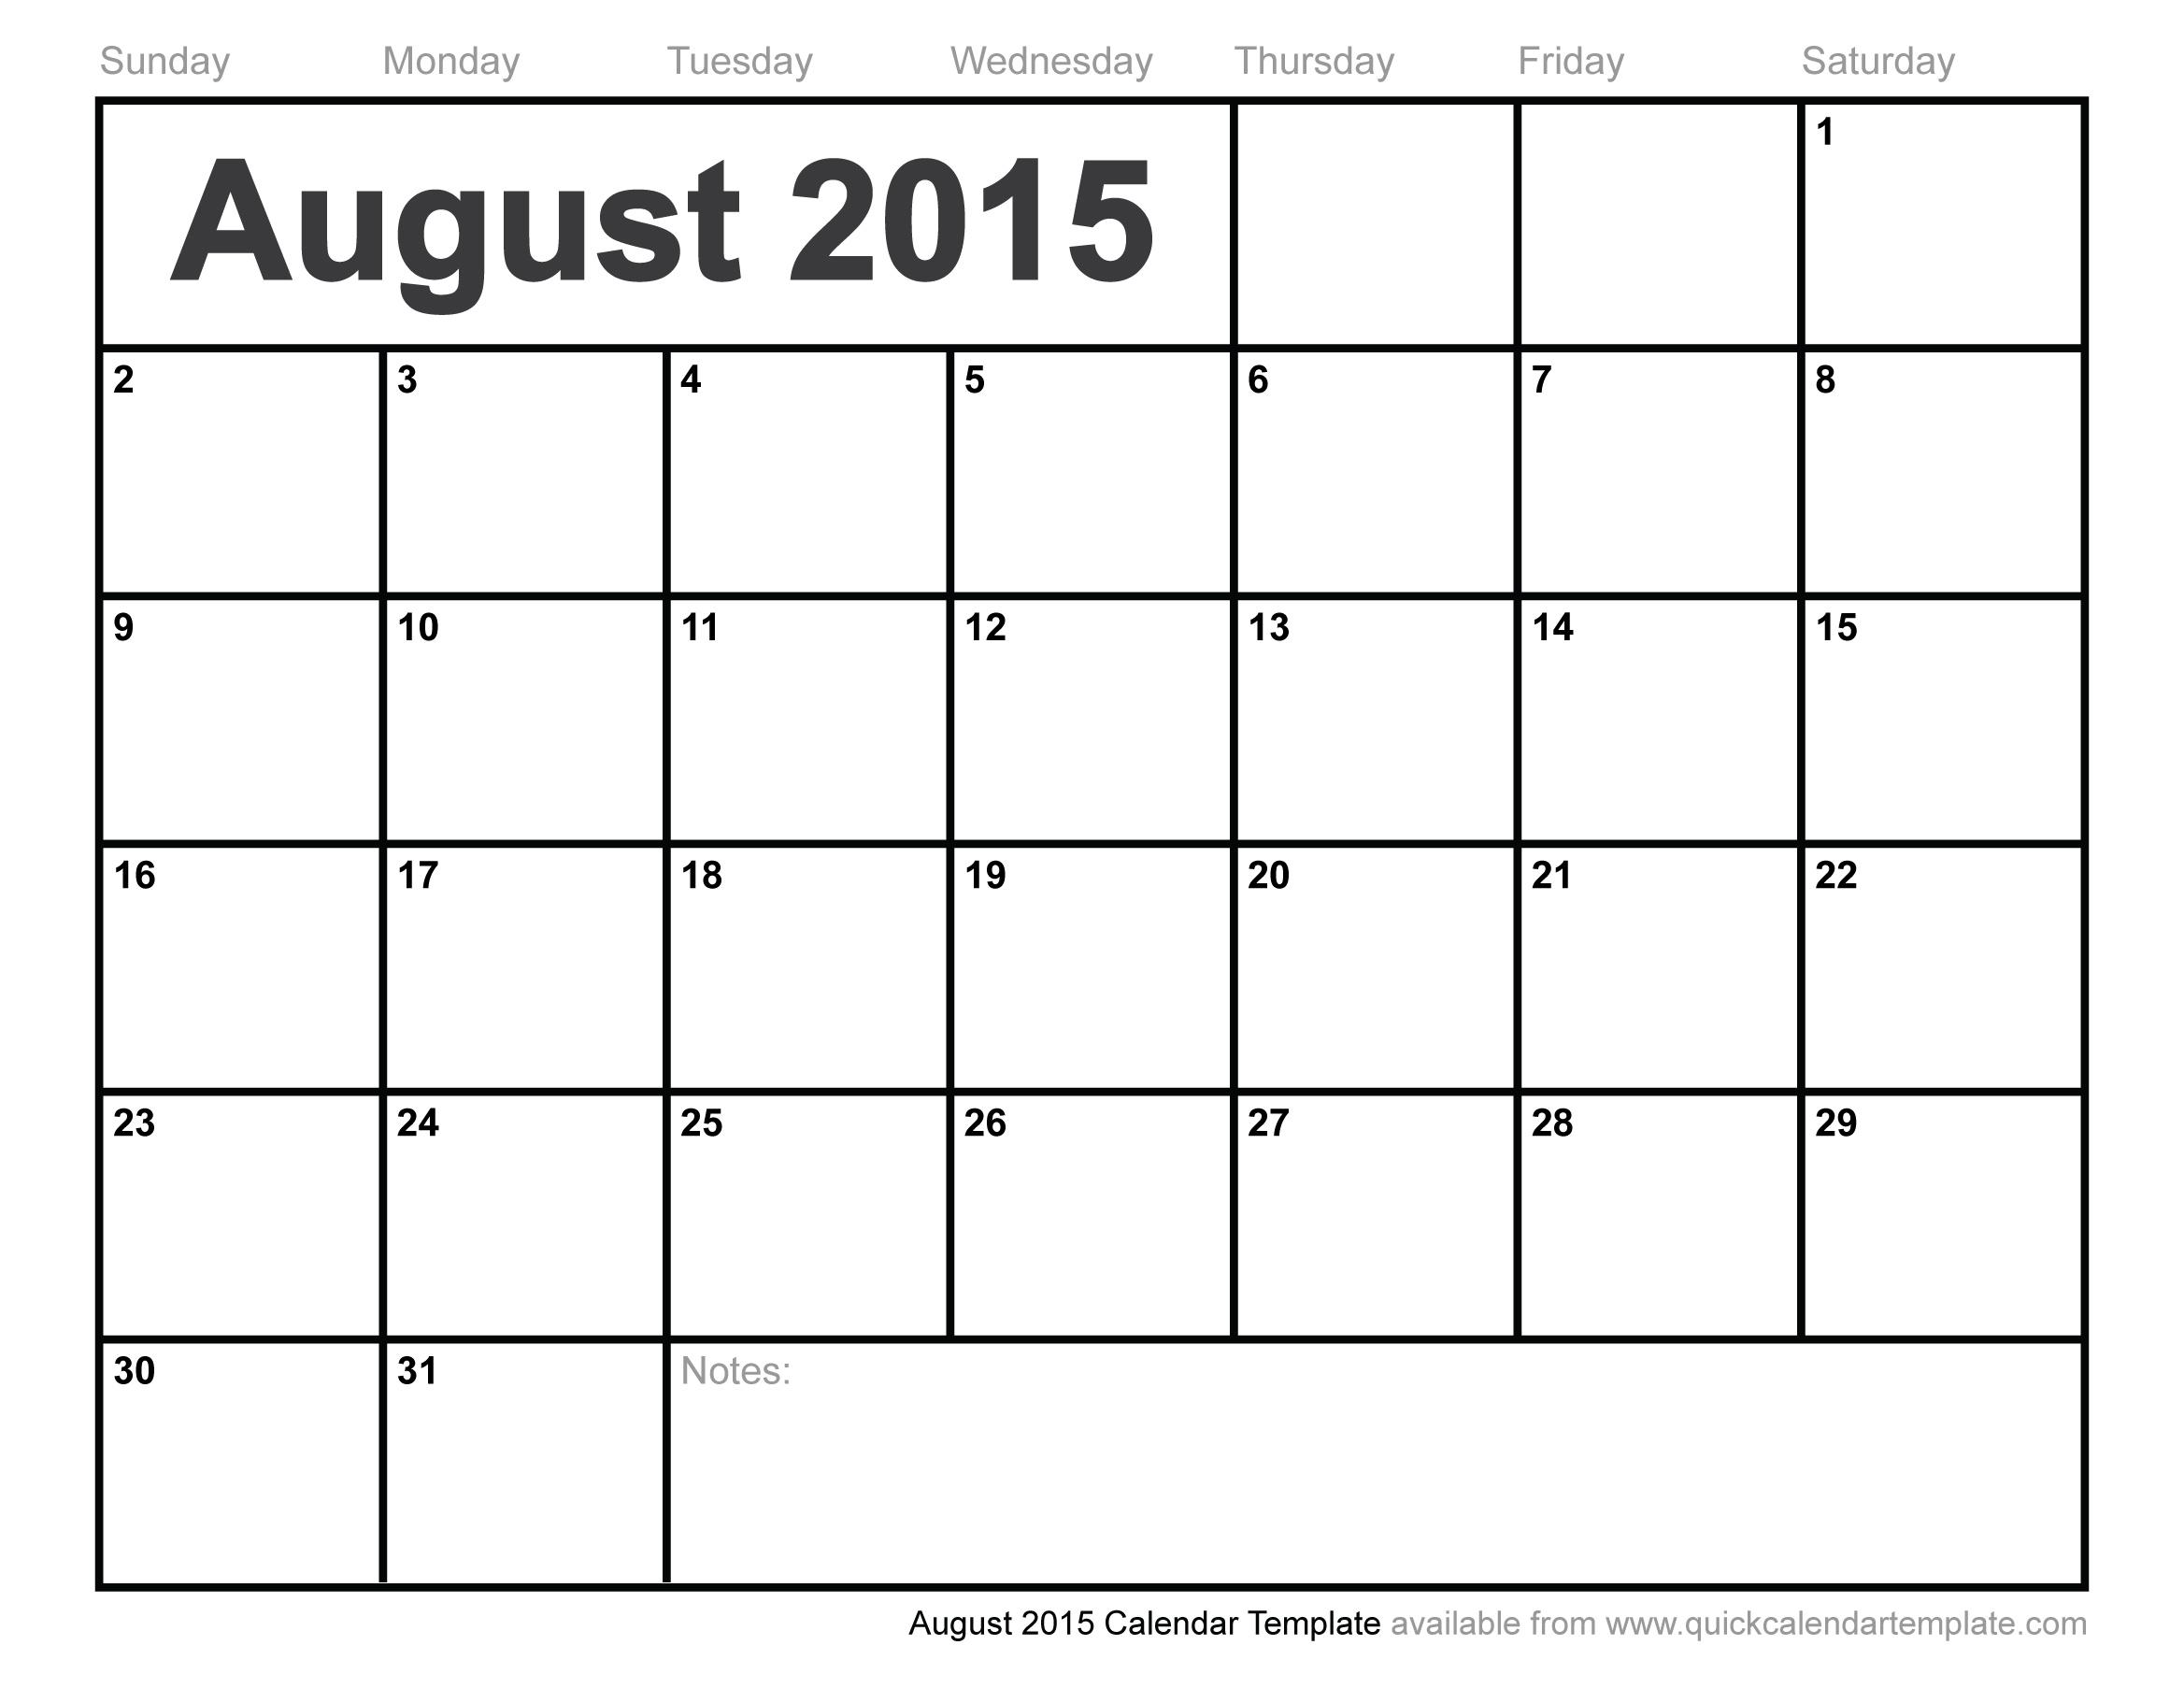 August 2015 Calendar Template regarding Calendar Template For August